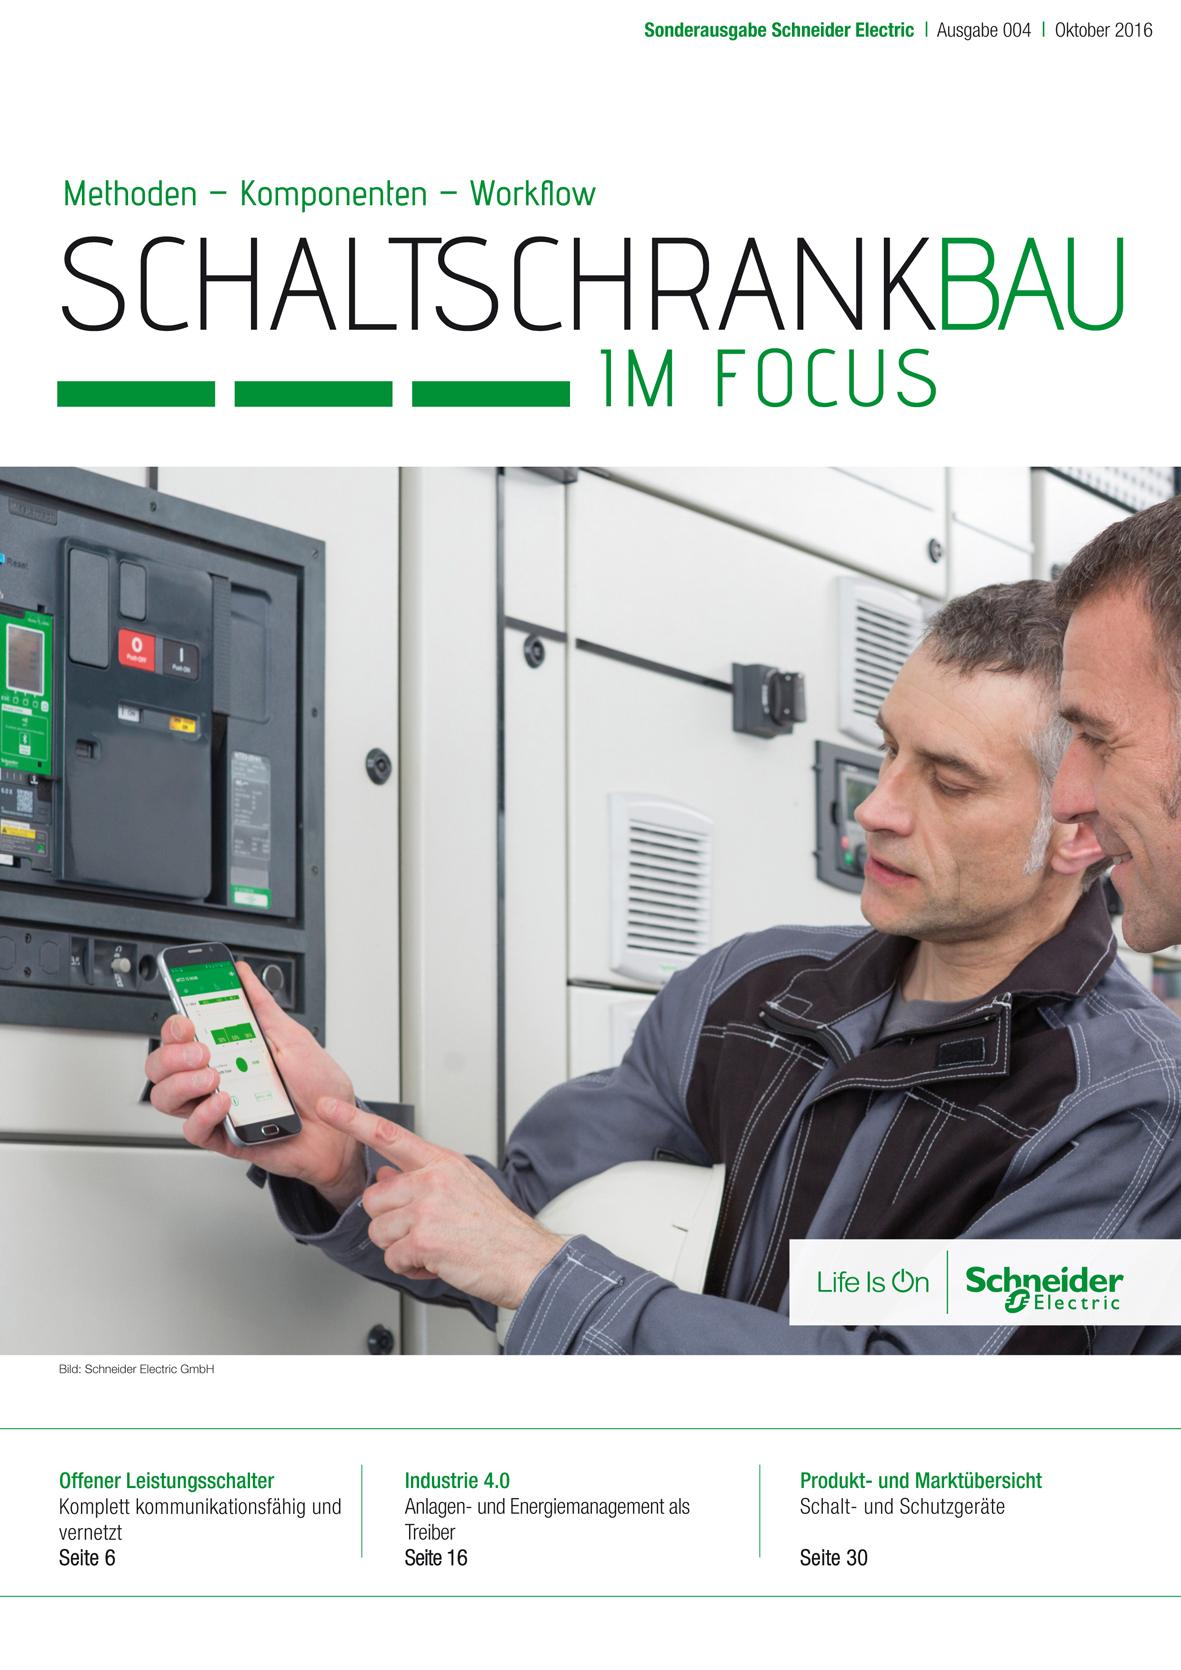 Lösungen für die Energieverteilung im Zeitalter von Industrie 4.0